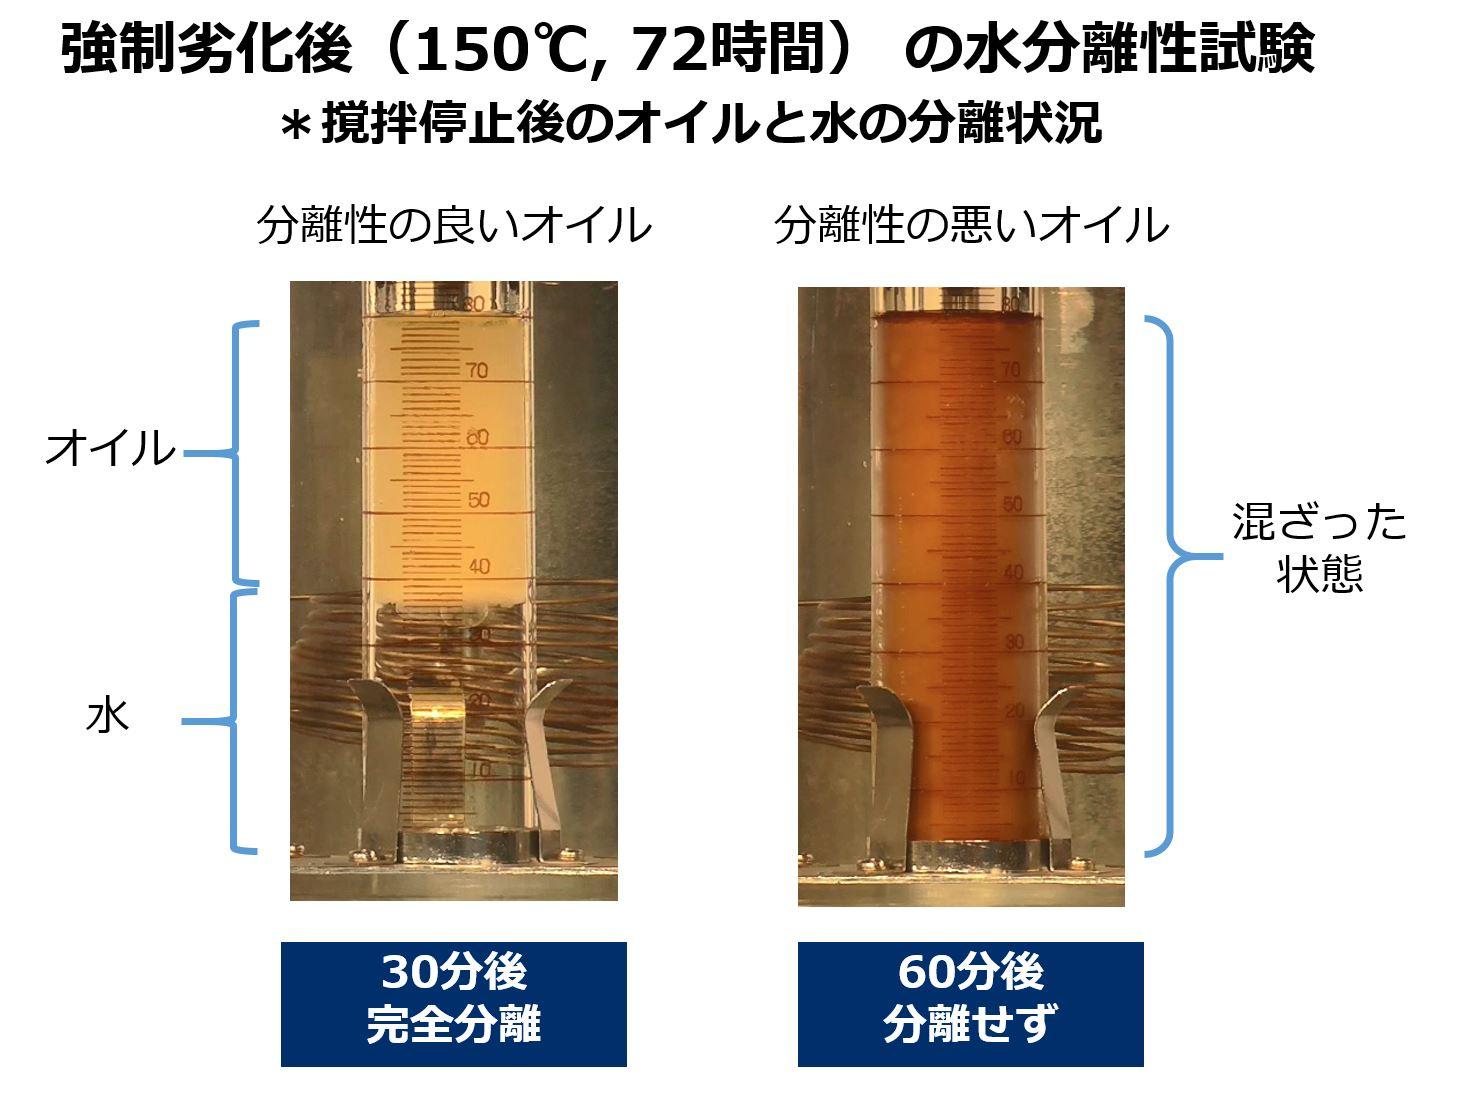 強制劣化後の水分離性試験結果比較です。